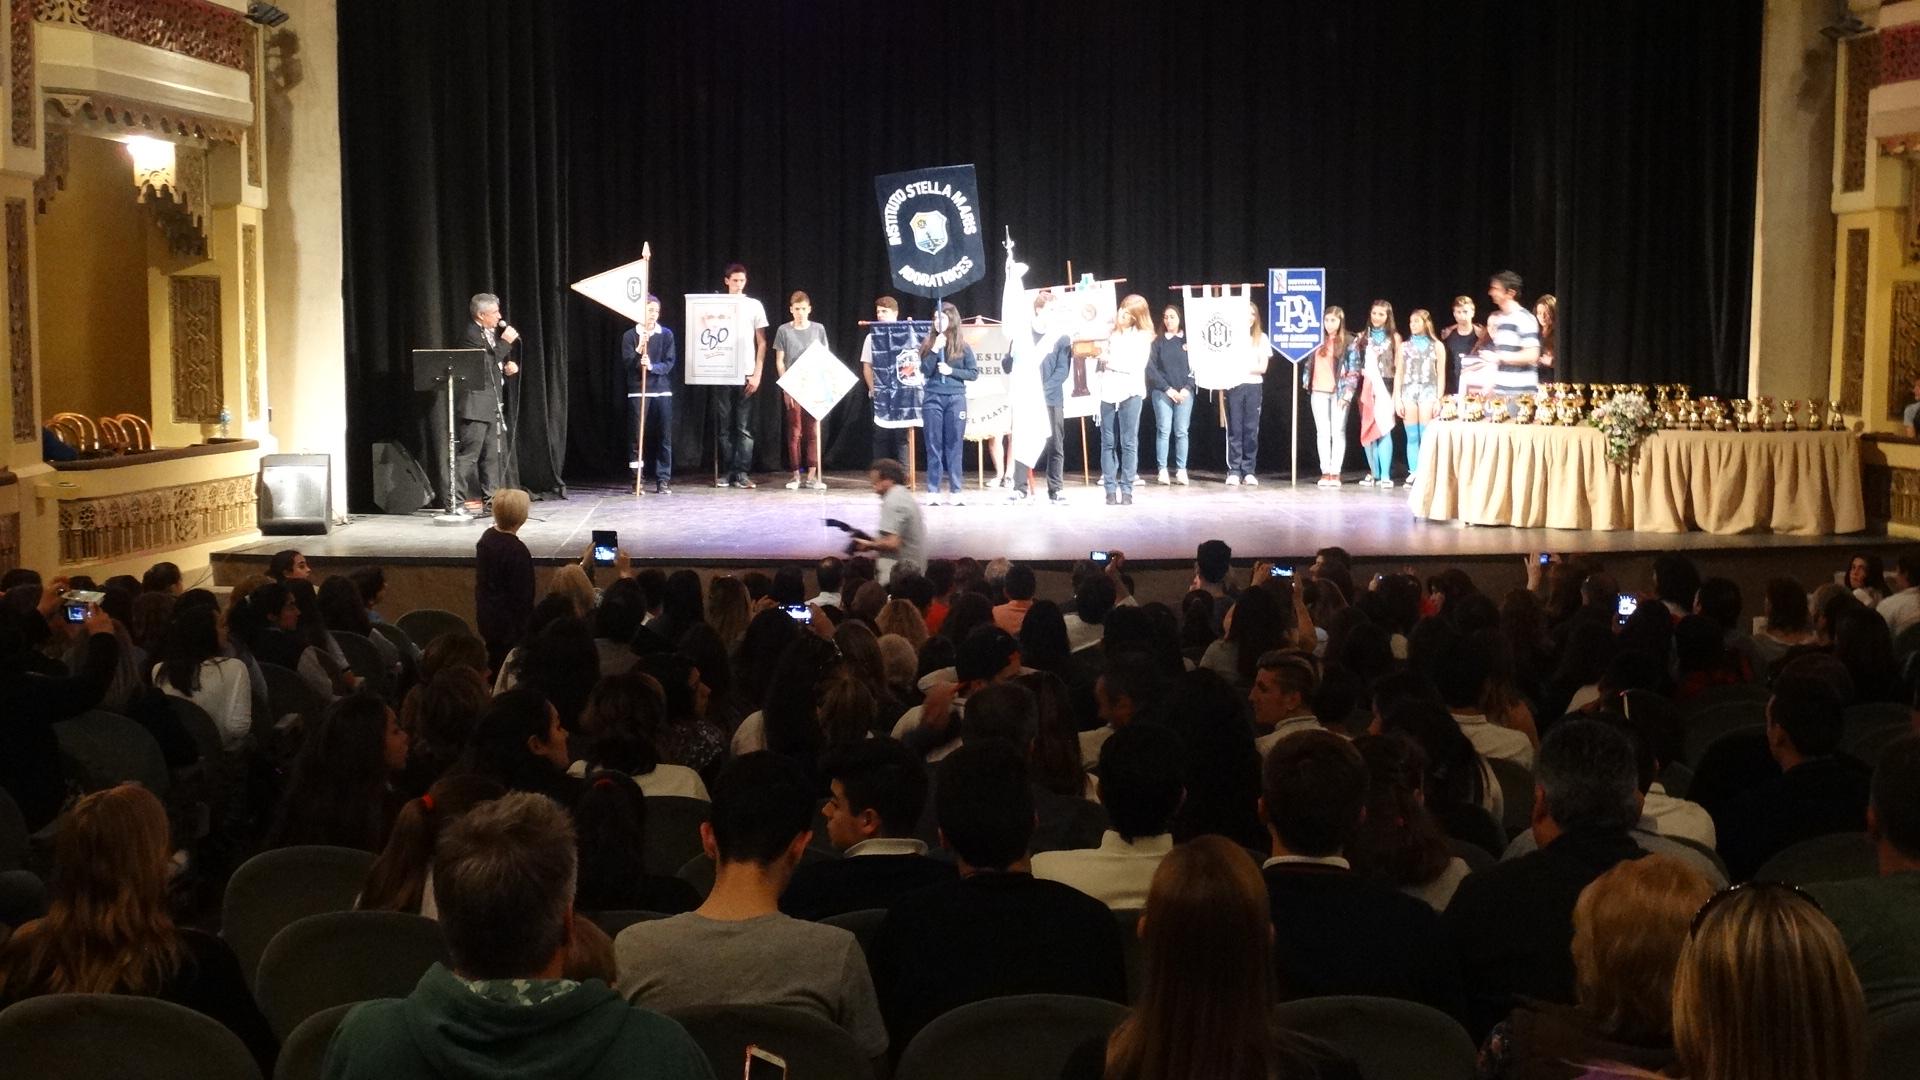 XII Encuentro Deportivo y Cultural 2017: reglamento y todos los detalles